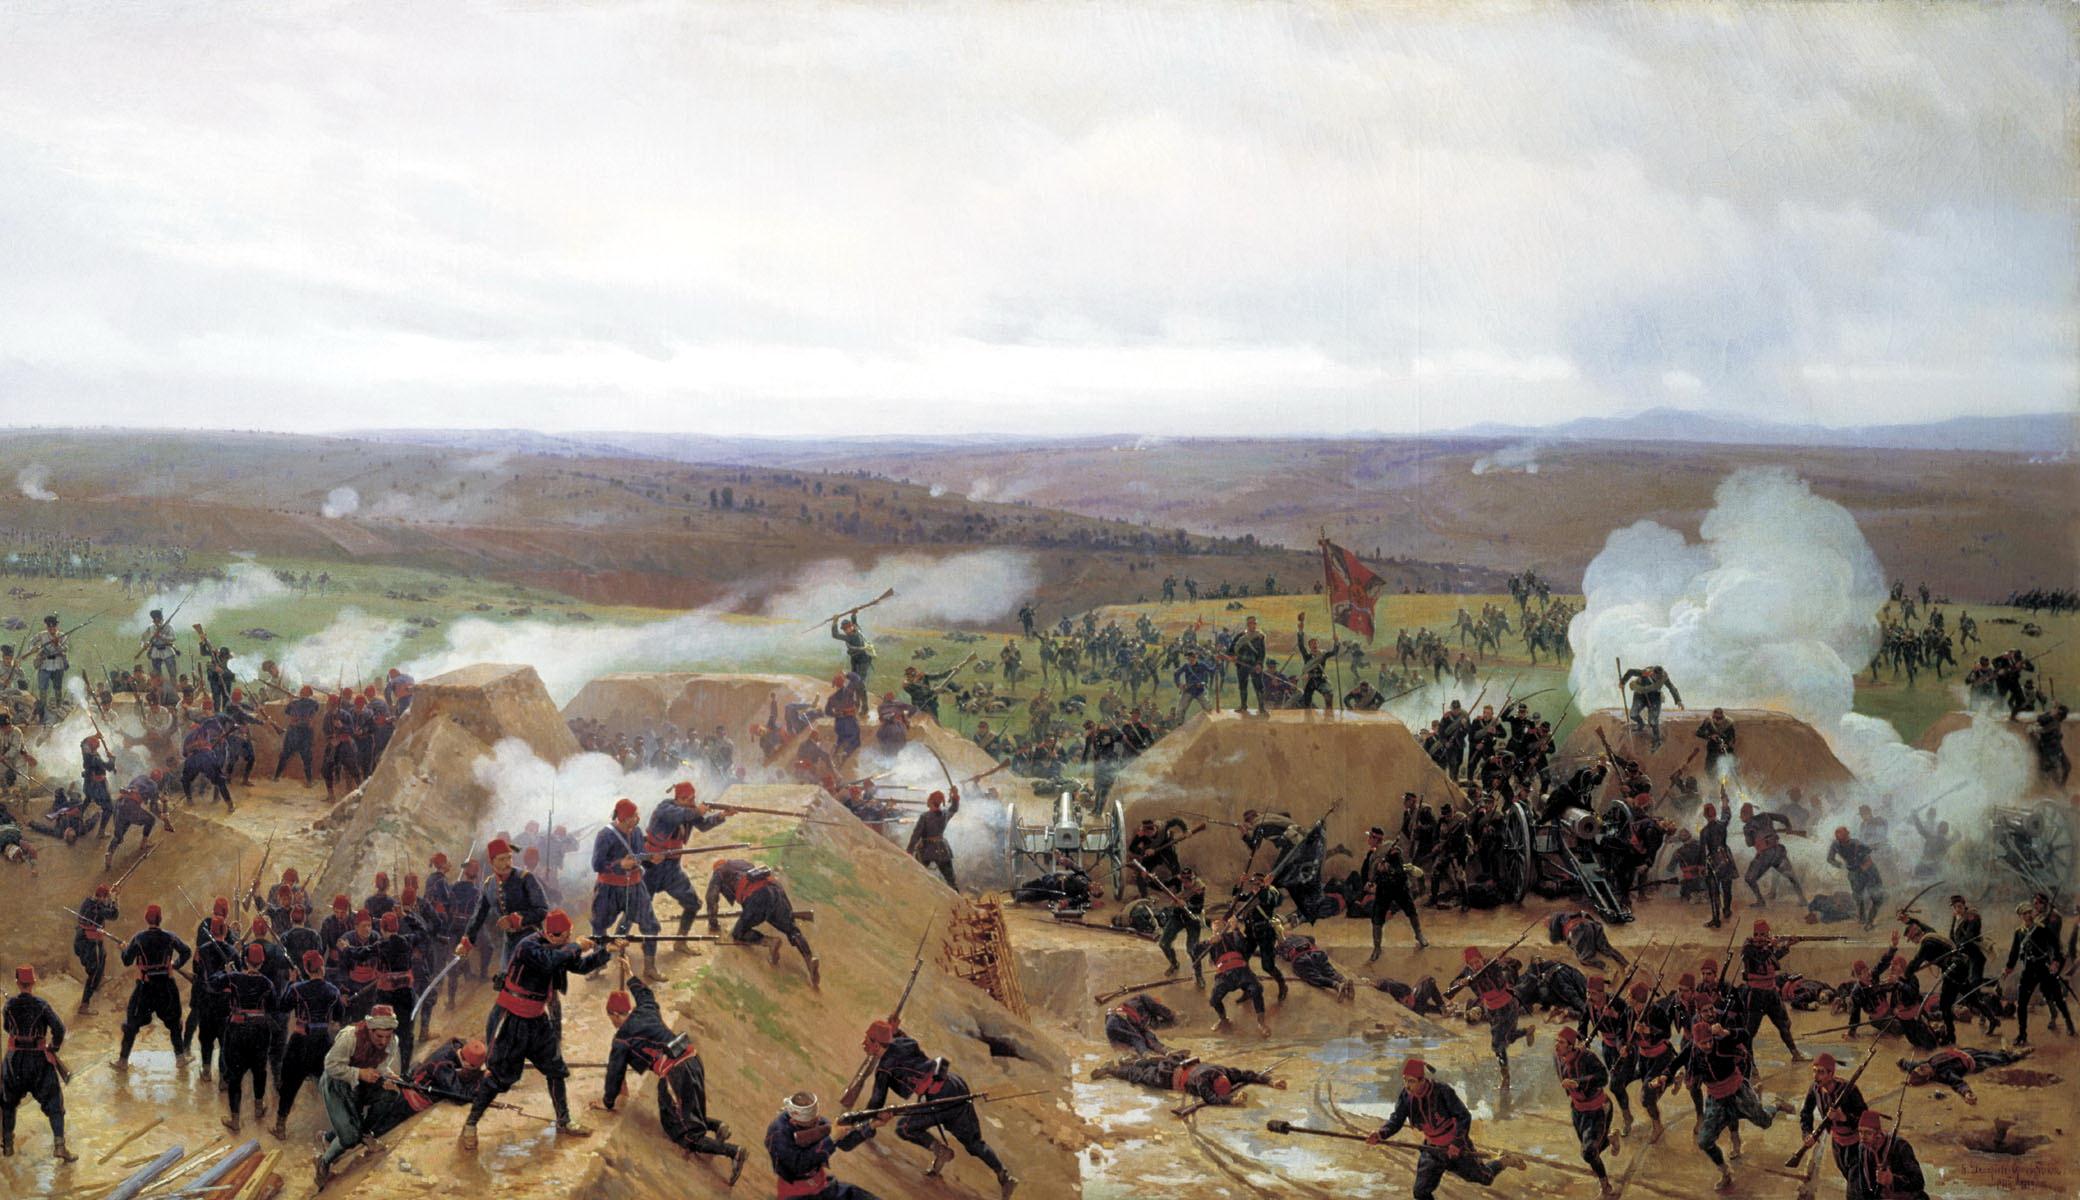 турки в Болагрии 19 века мало чем отличались от боевиков современного и запрещенного в РФ ИГИЛ